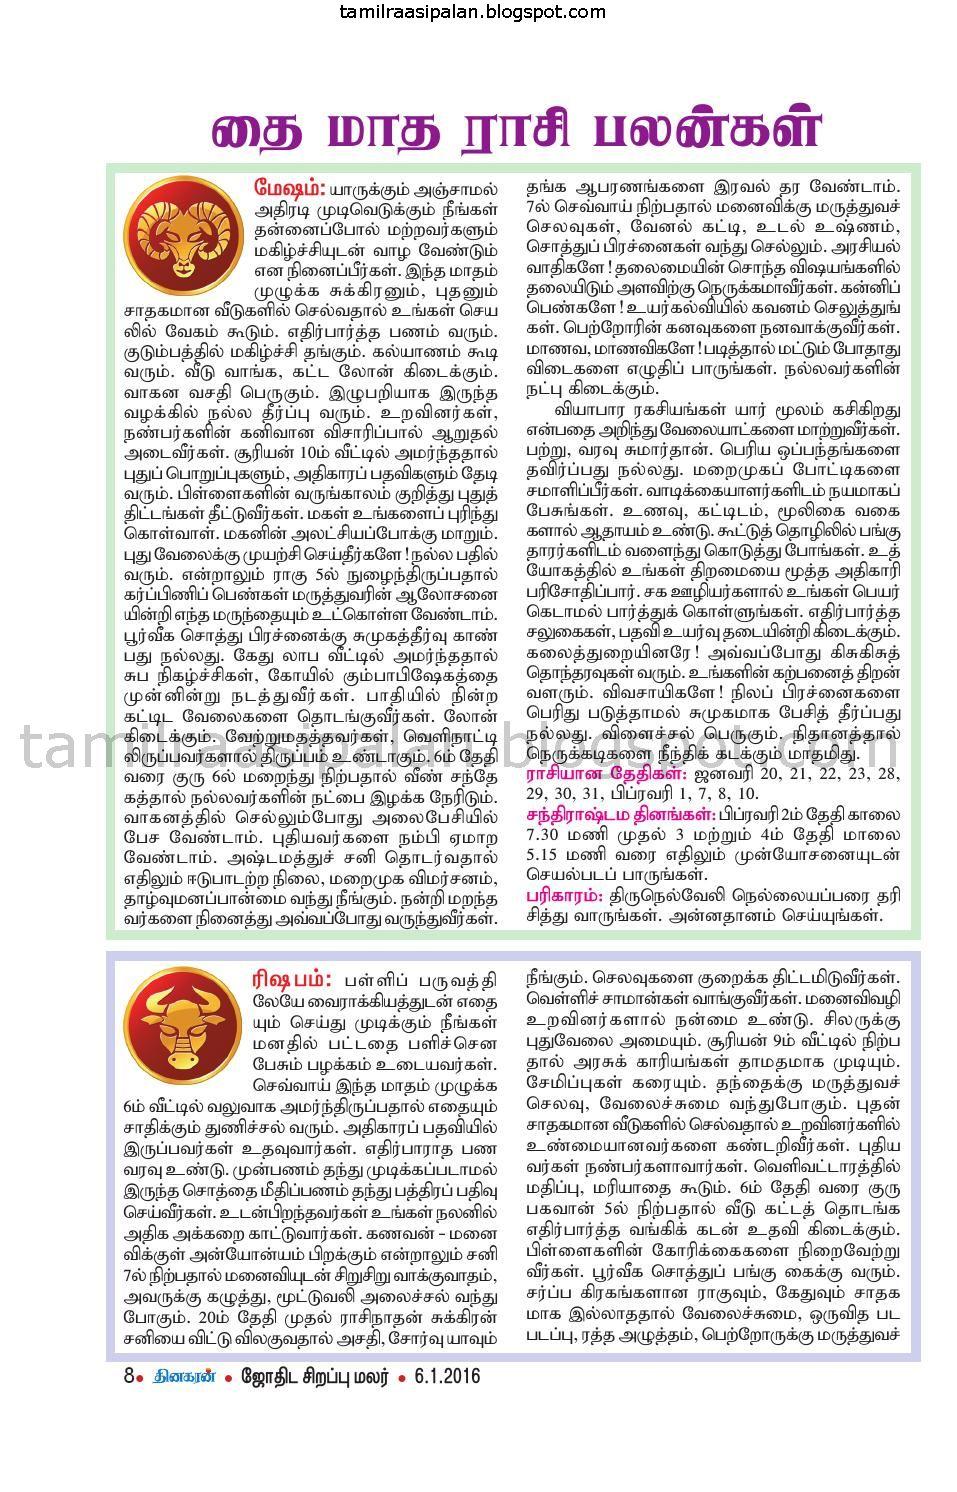 Tamil Matham Thai Rasi Palangal